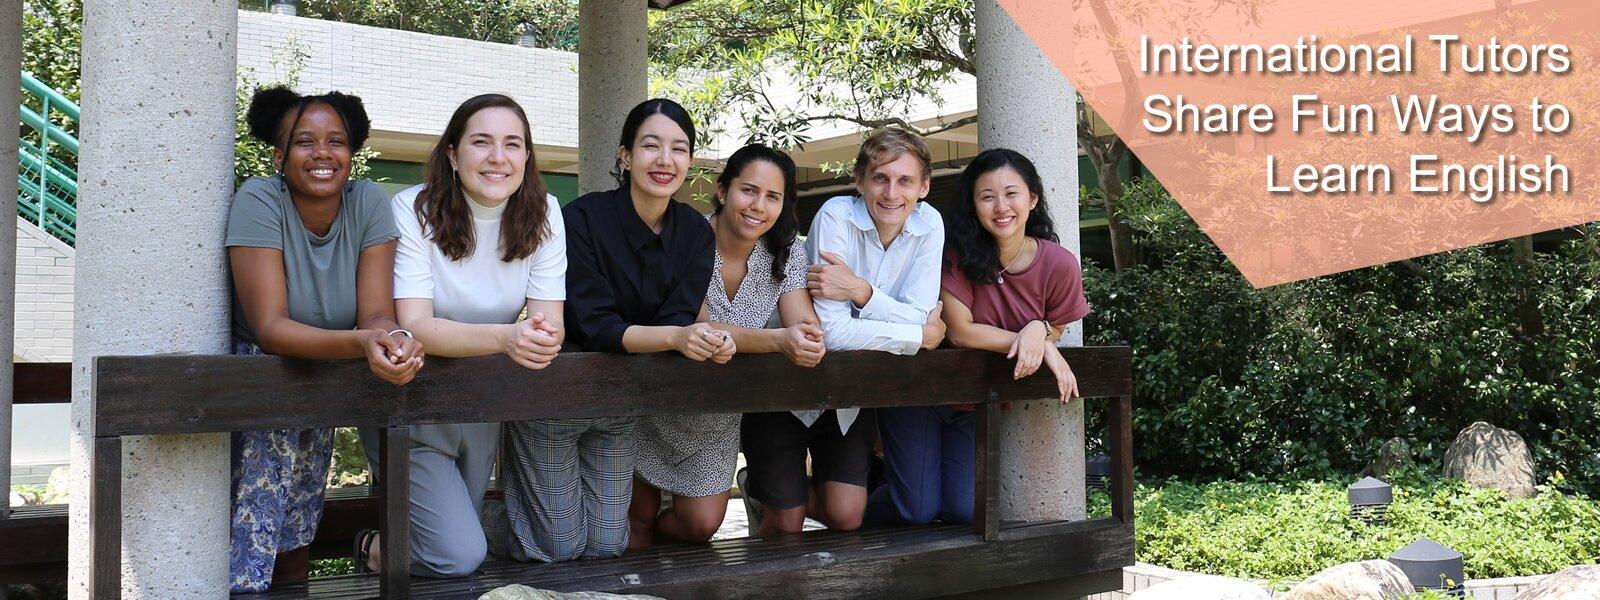 國際導師分享創意學英語